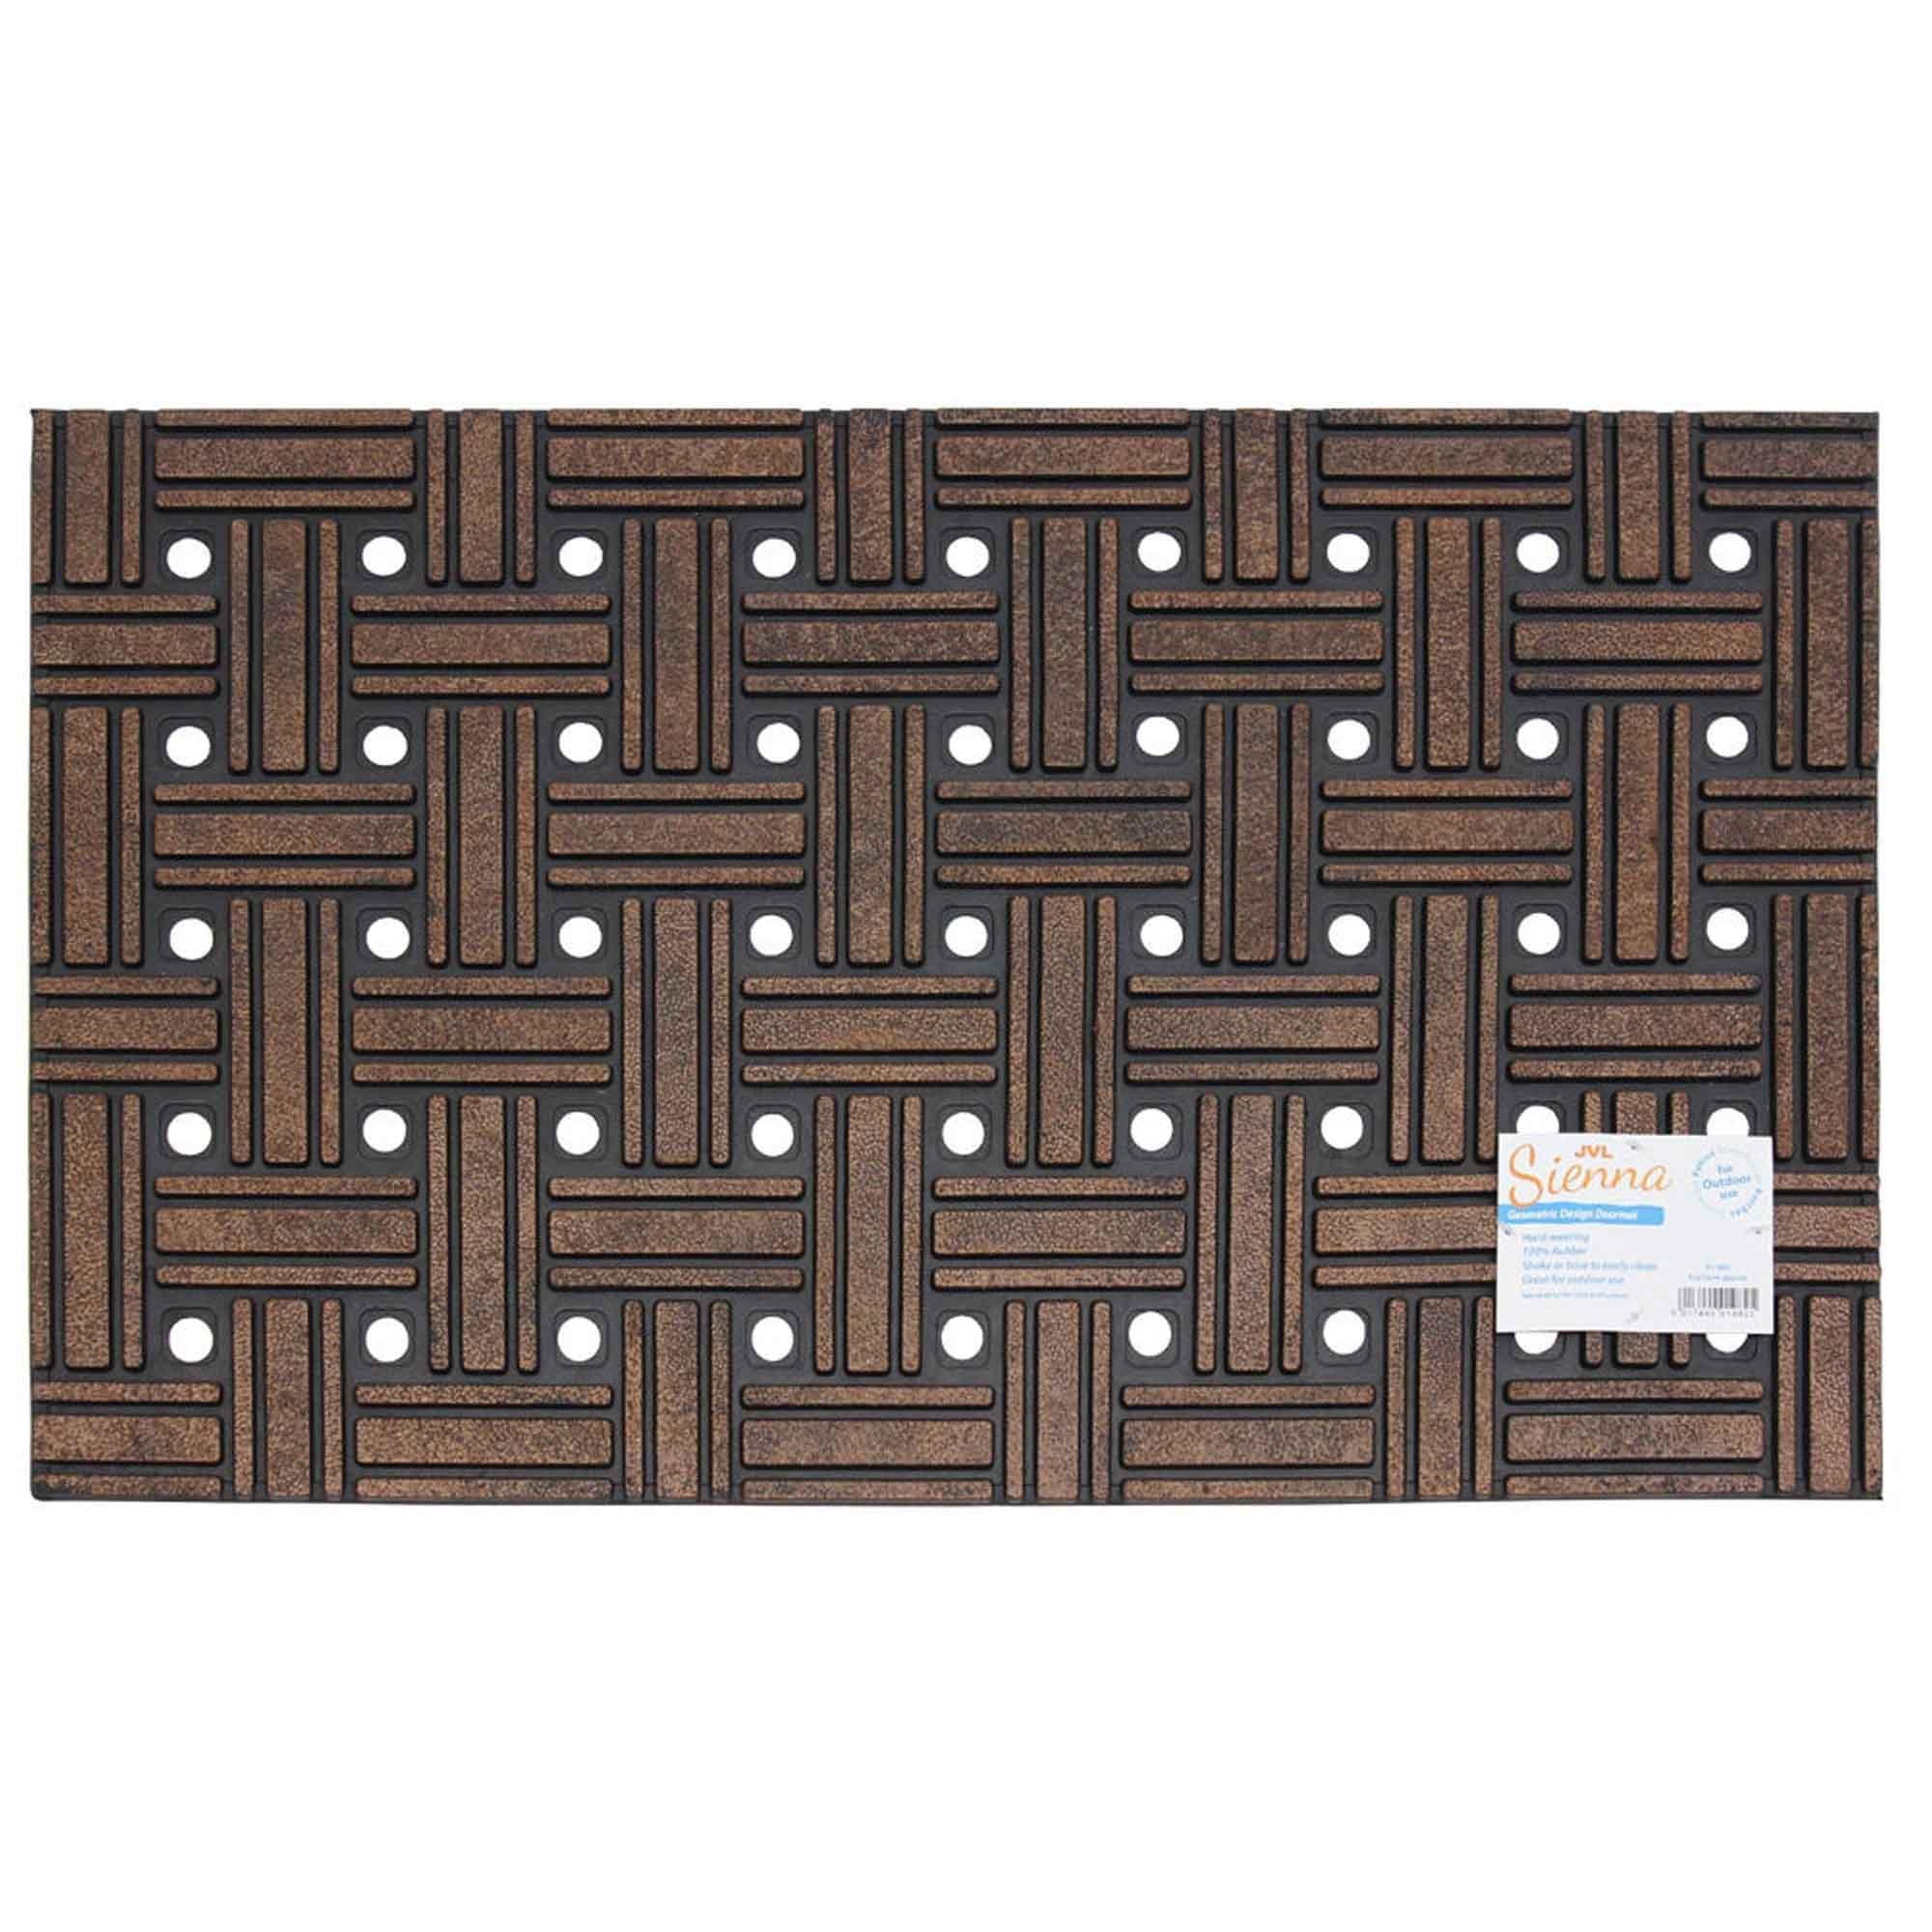 Jvl Sienna Geometric Weave Heavy Duty Outdoor Rubber Door Mat 45cmx75cm